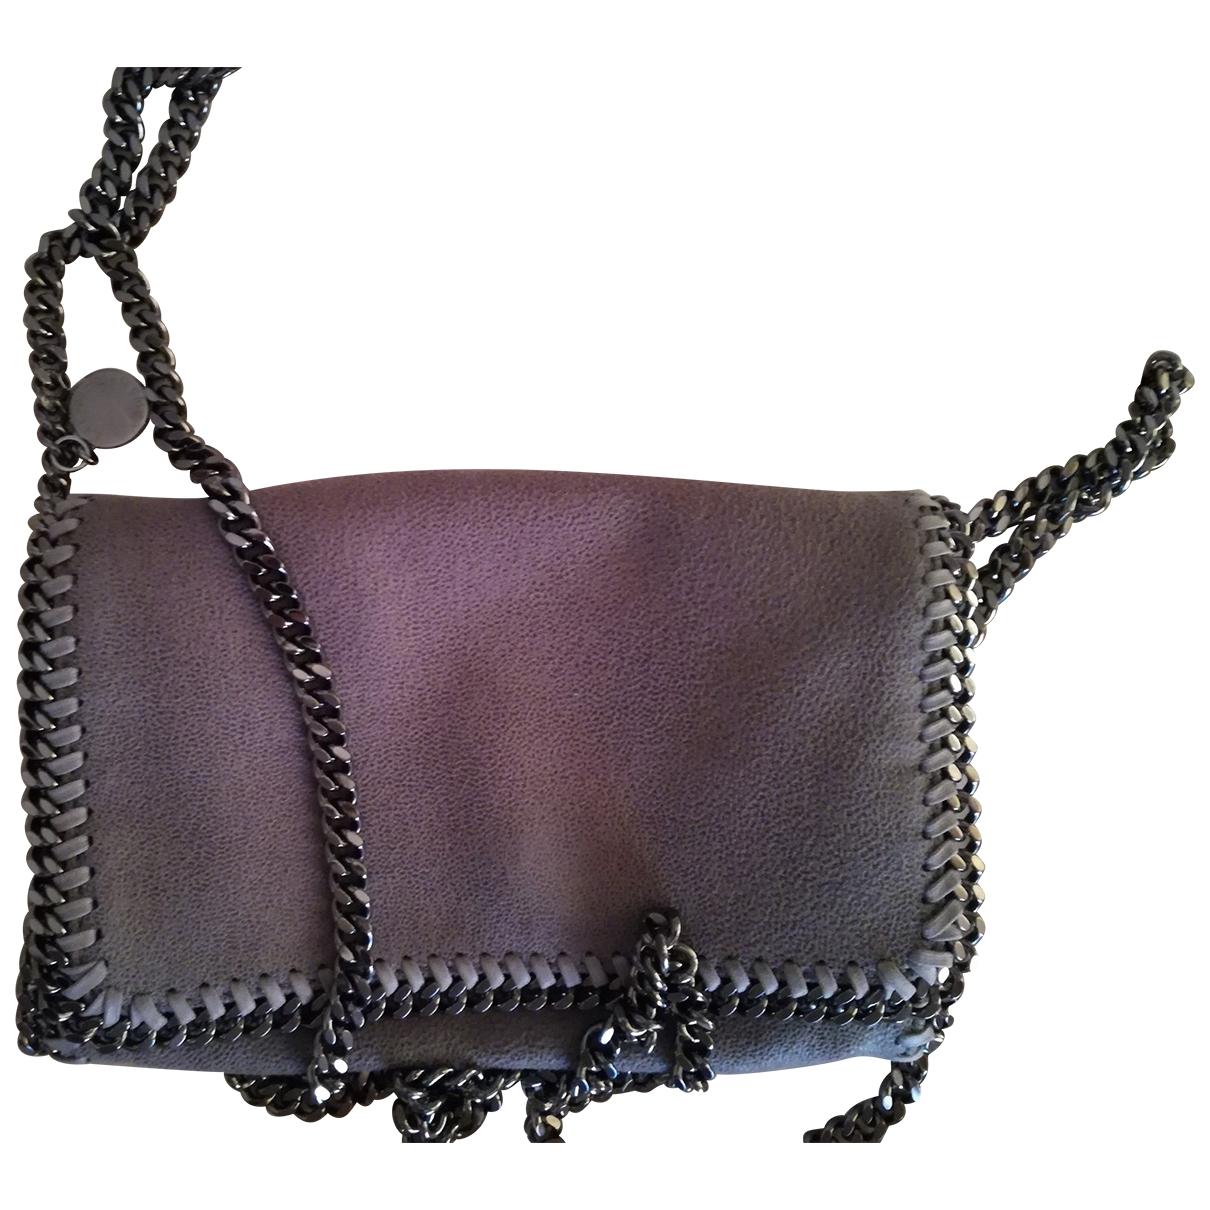 Stella Mccartney - Pochette Falabella pour femme en toile - gris